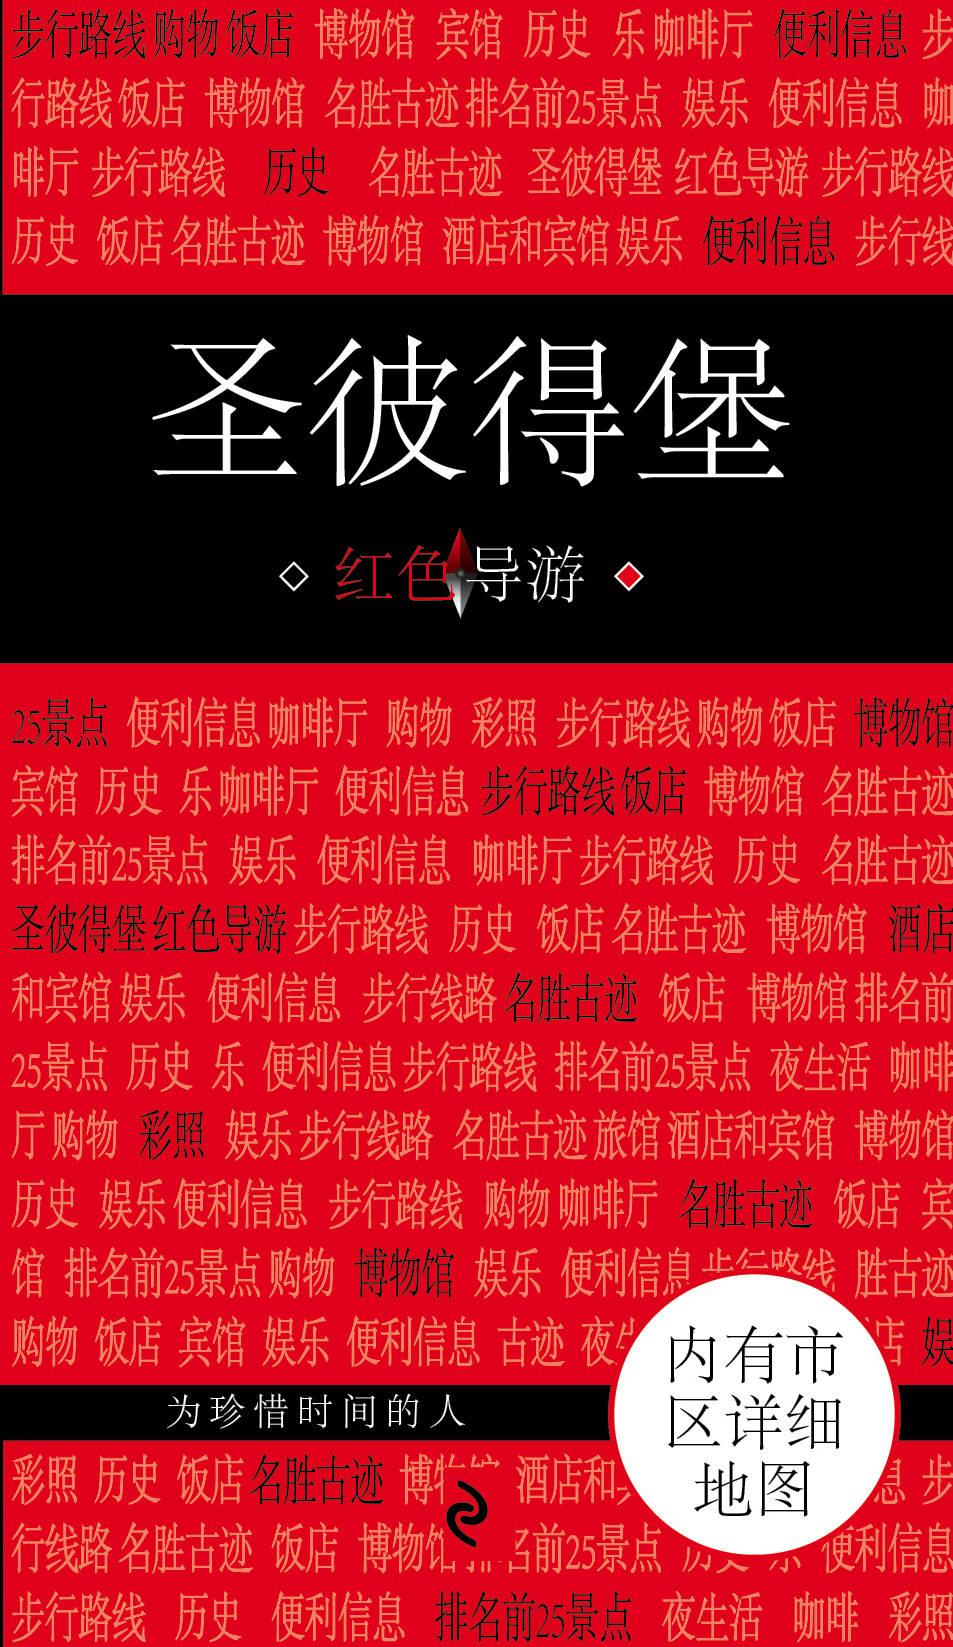 Санкт-Петербург на китайском языке санкт петербург карта для гостей на китайском языке